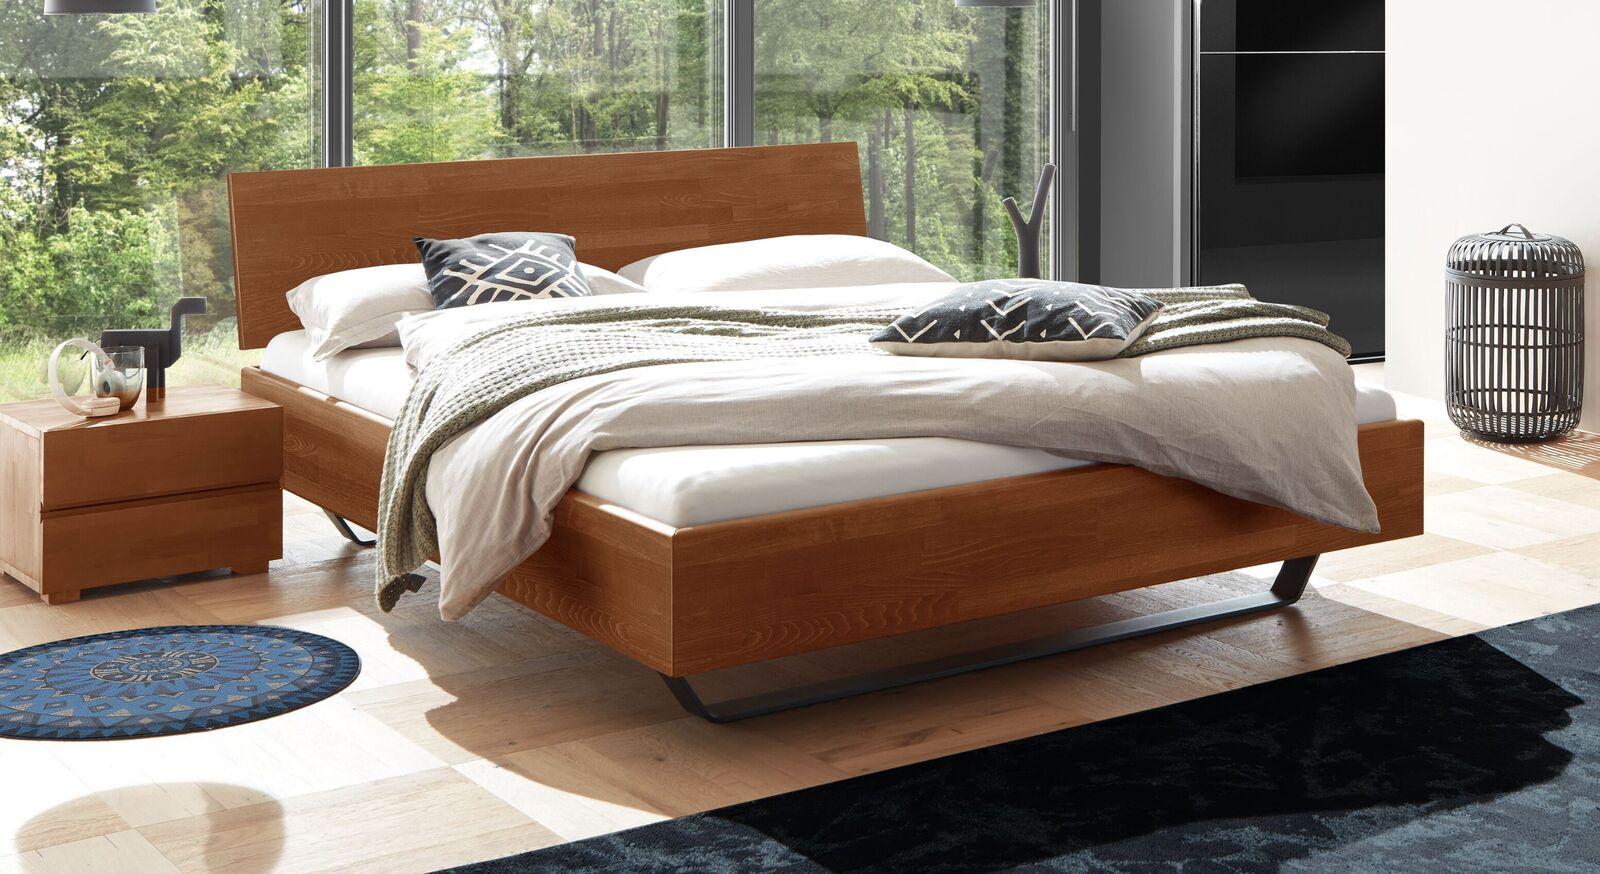 Bett Honoka aus kirschbaumfarbiger Buche